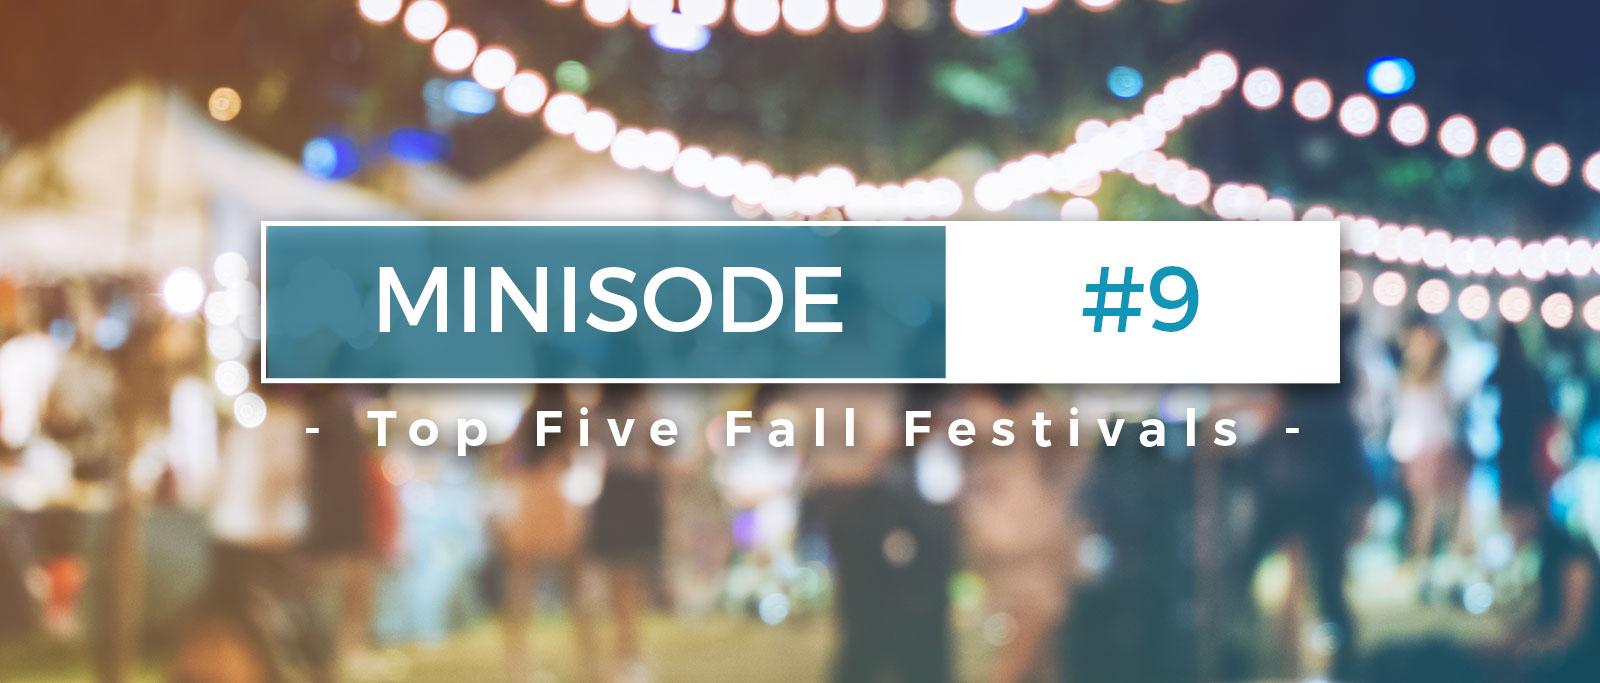 minisode-9-fest-fest-thin